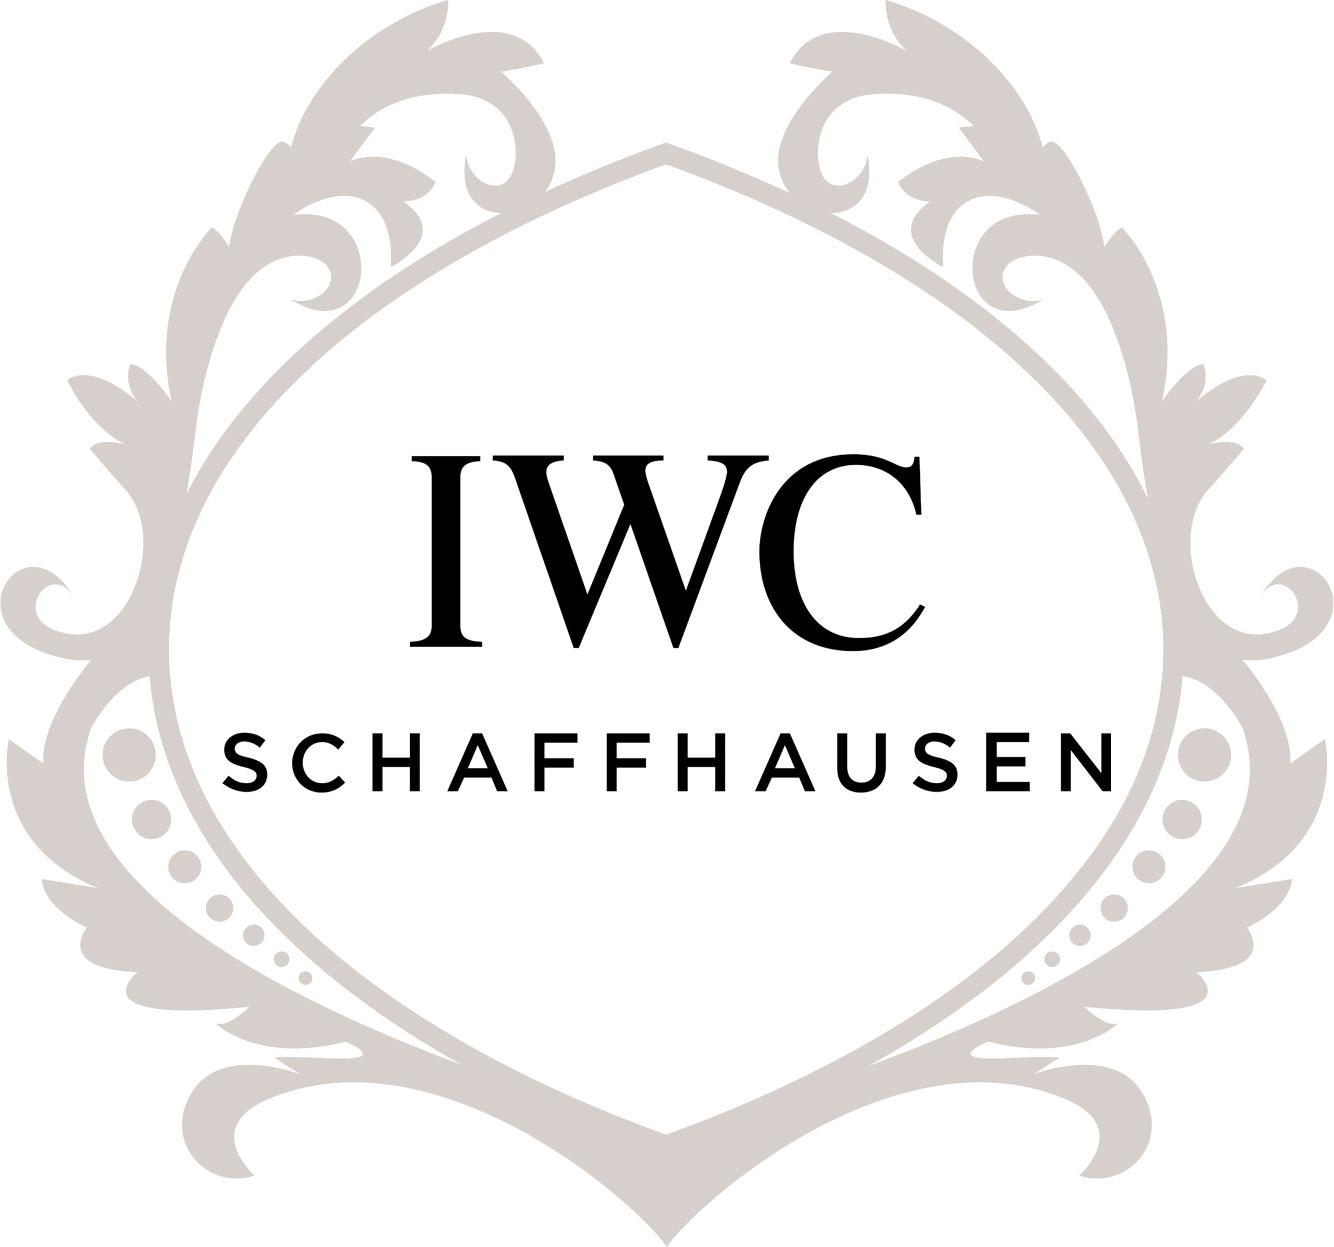 Nouvelle marque IWC